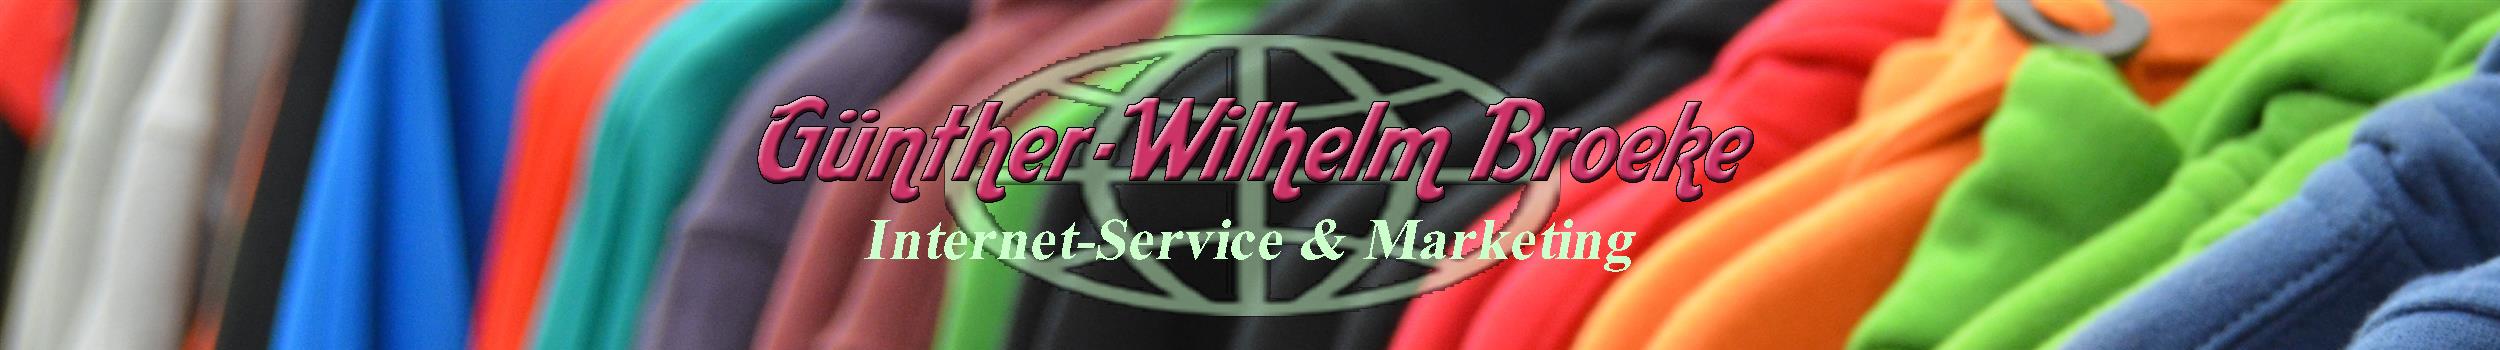 GWB Internet-Service